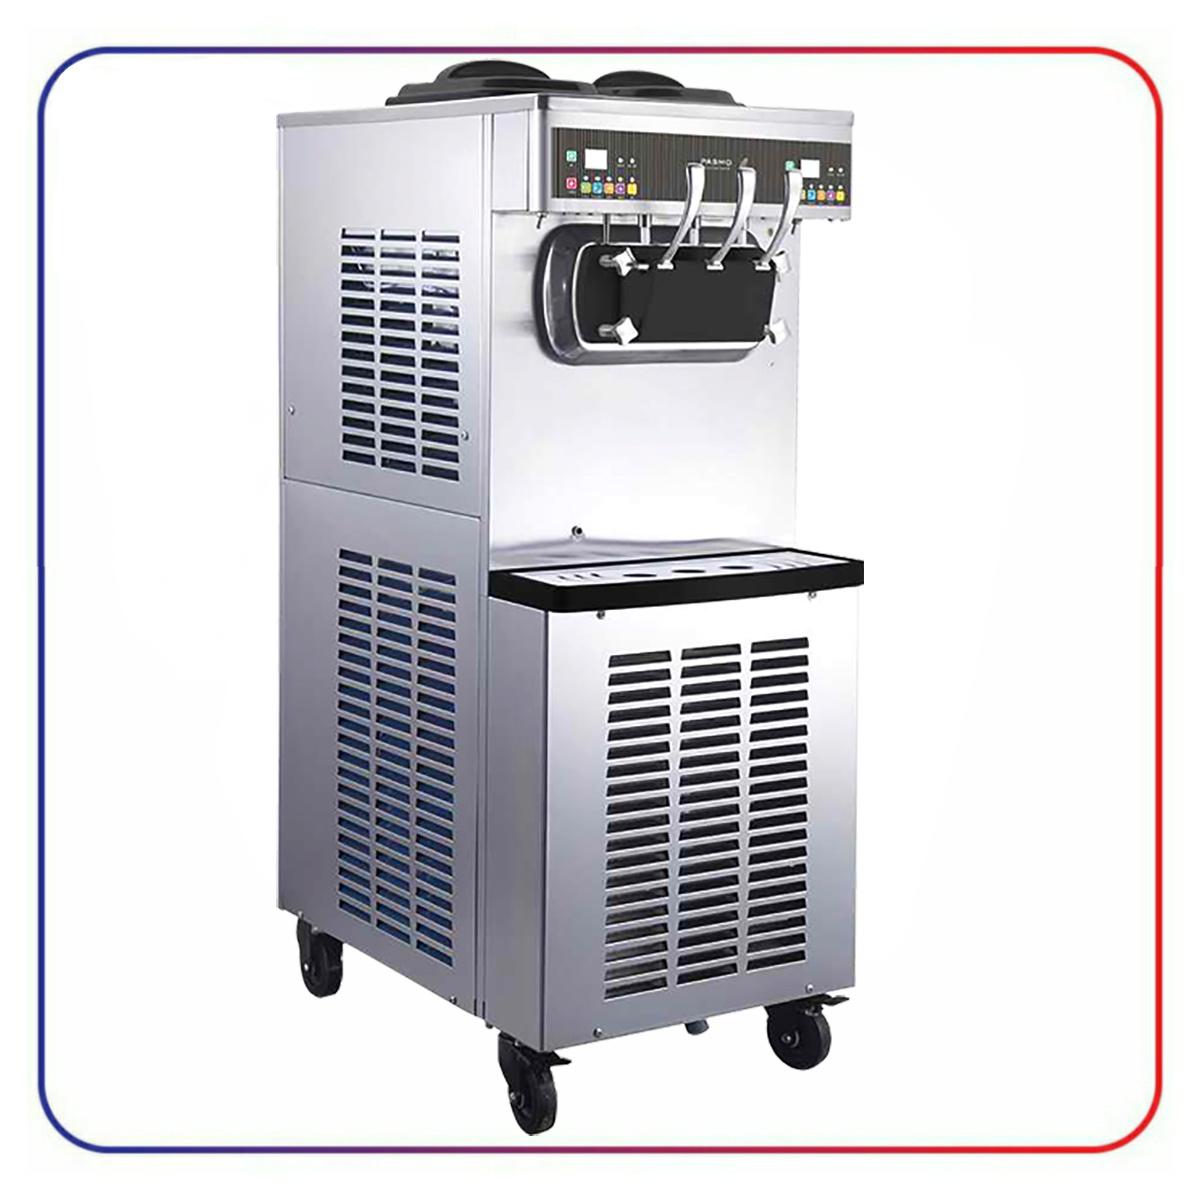 دستگاه بستنی ساز پاسمو PASMO S-520 F